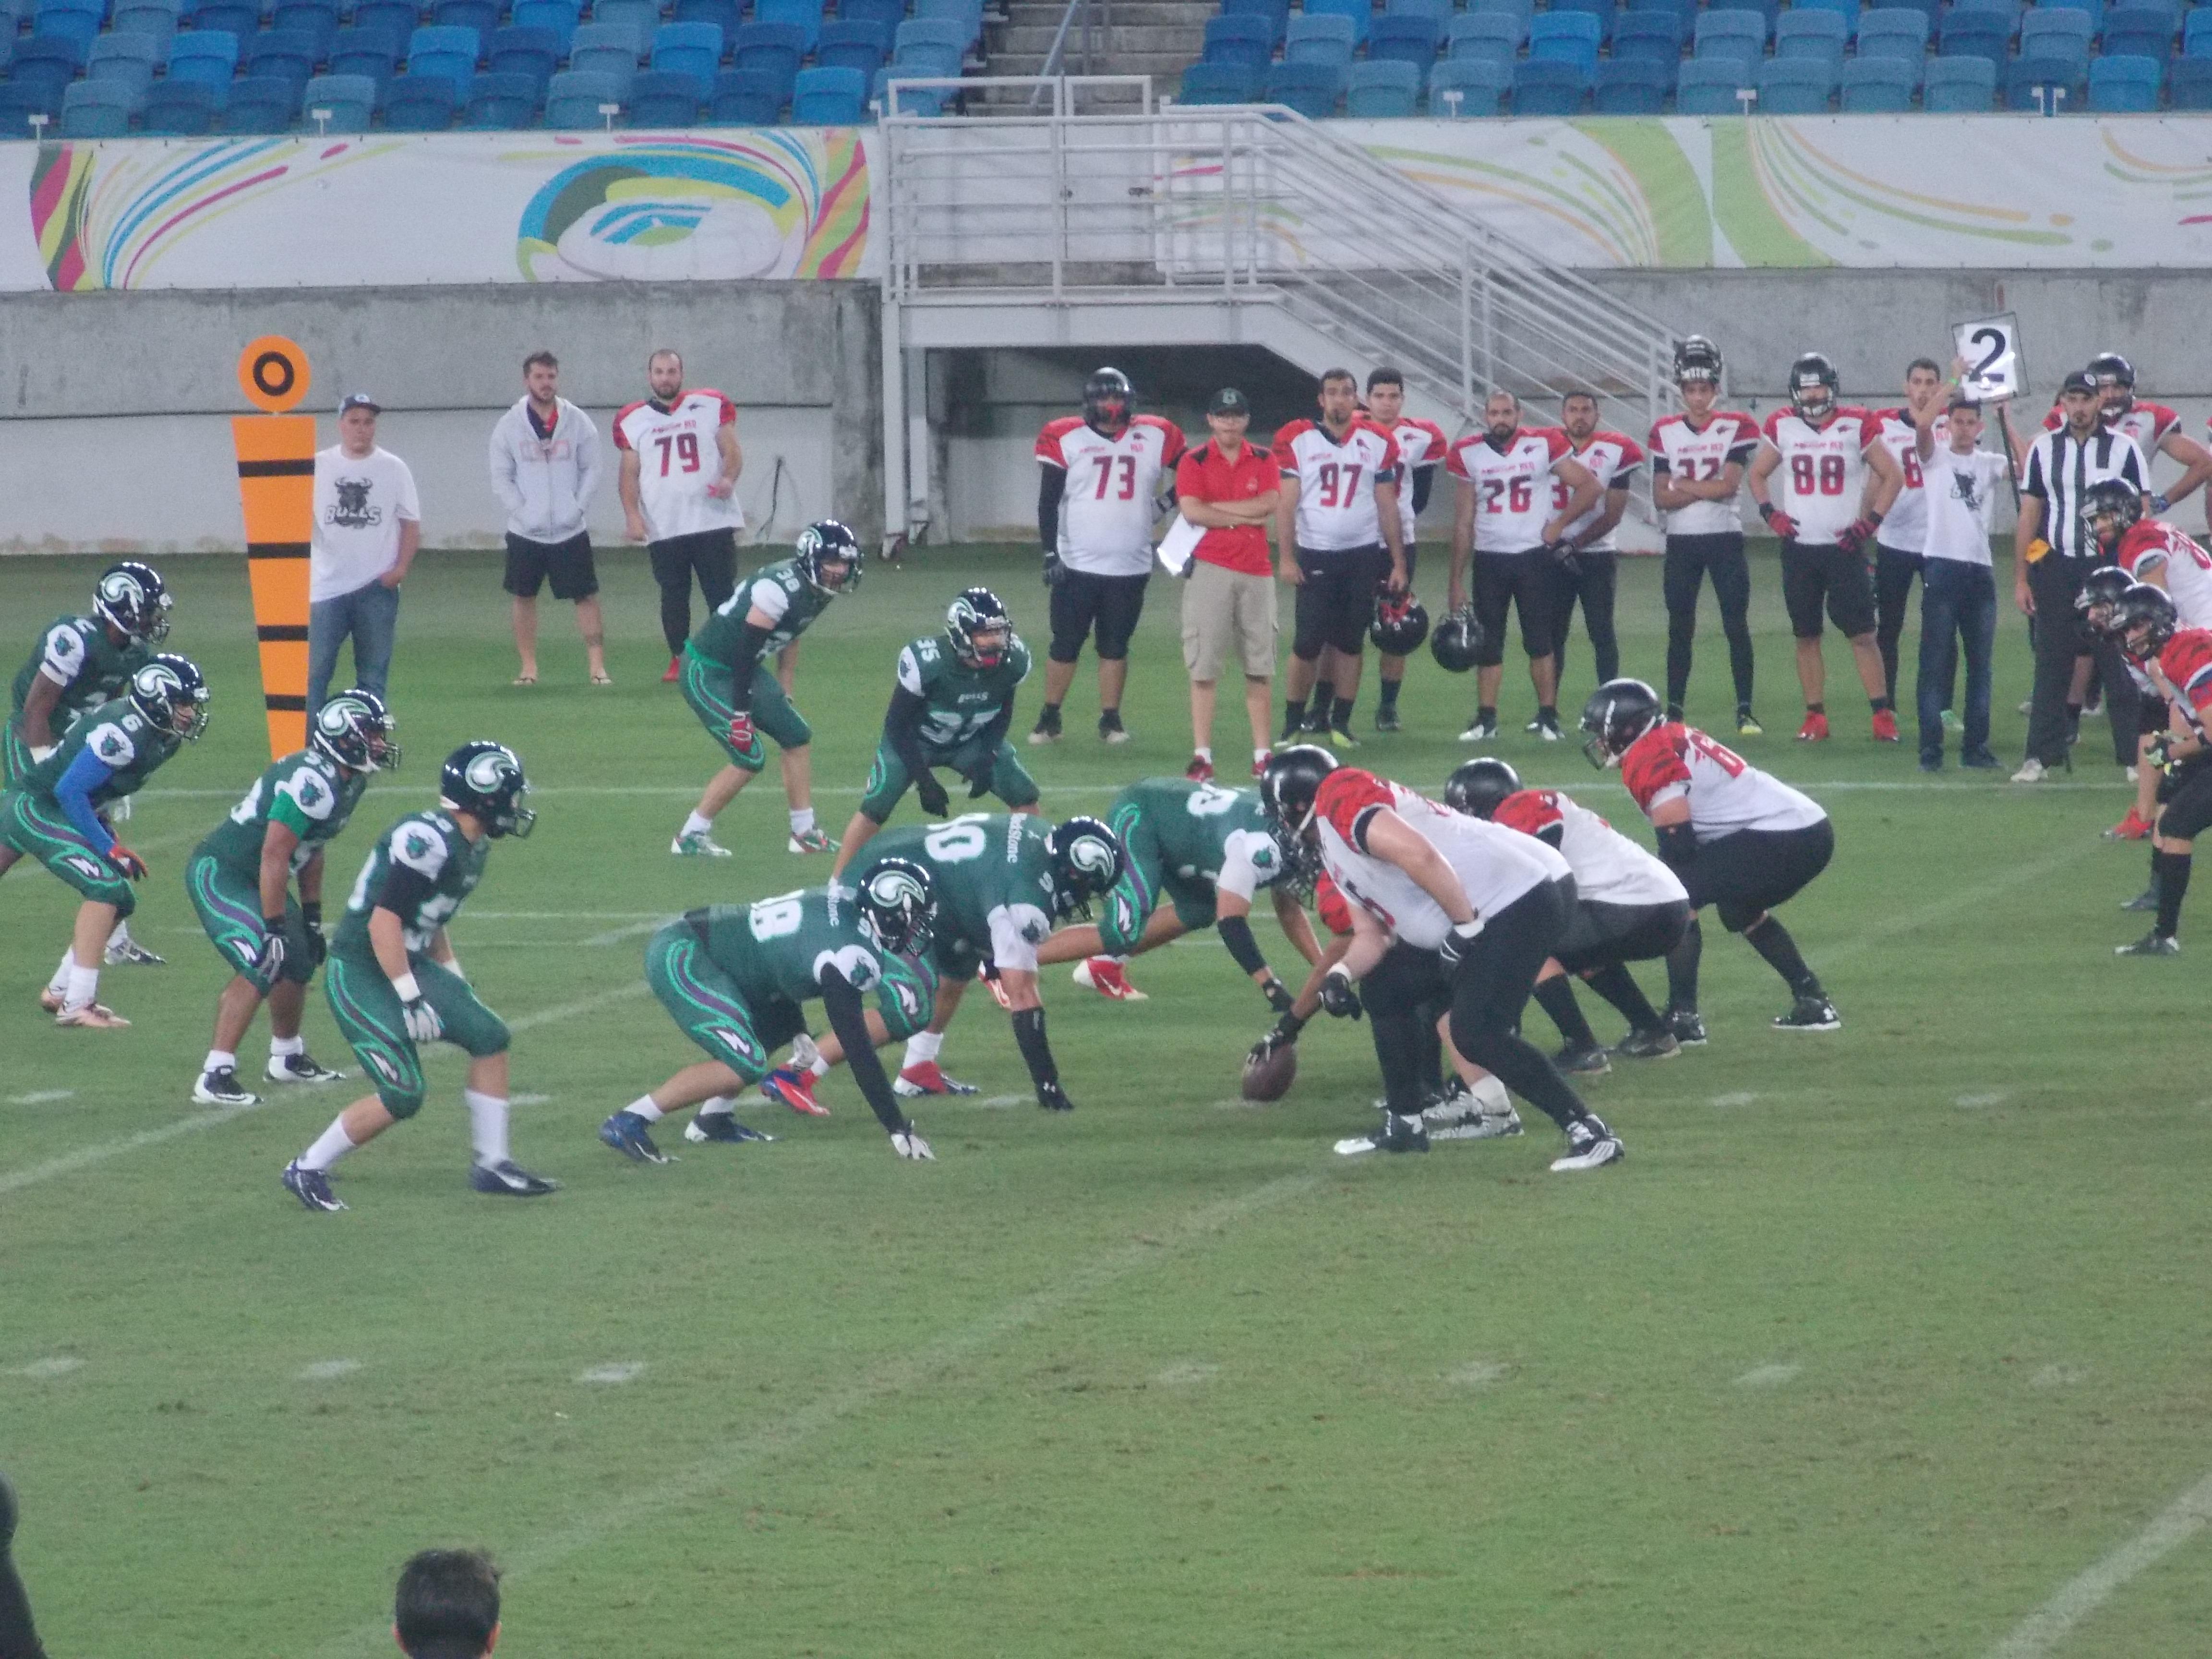 Domingo de futebol (Americano) na Arena das Dunas.